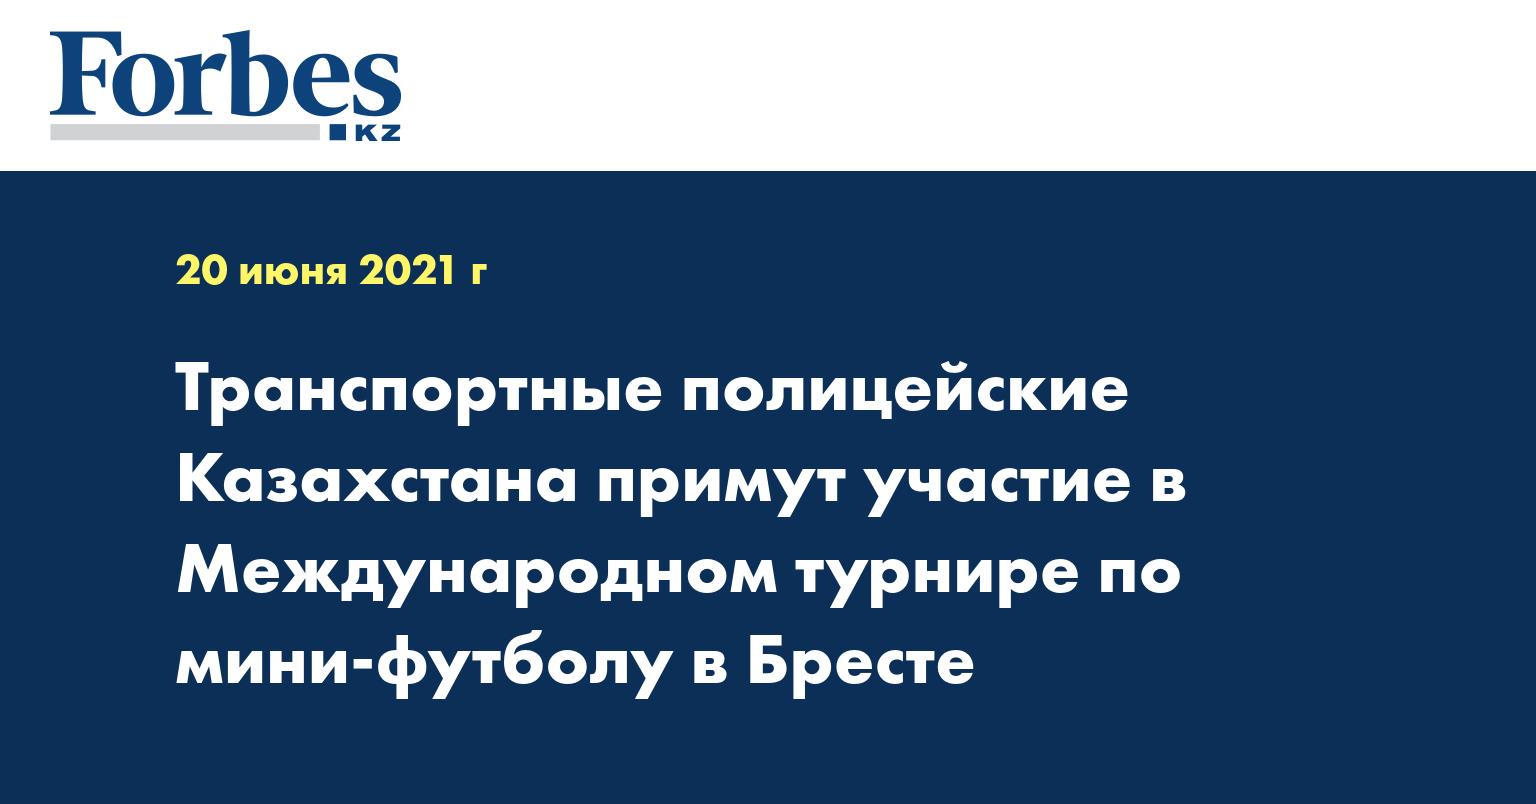 Транспортные полицейские Казахстана примут участие в Международном турнире по мини-футболу в Бресте